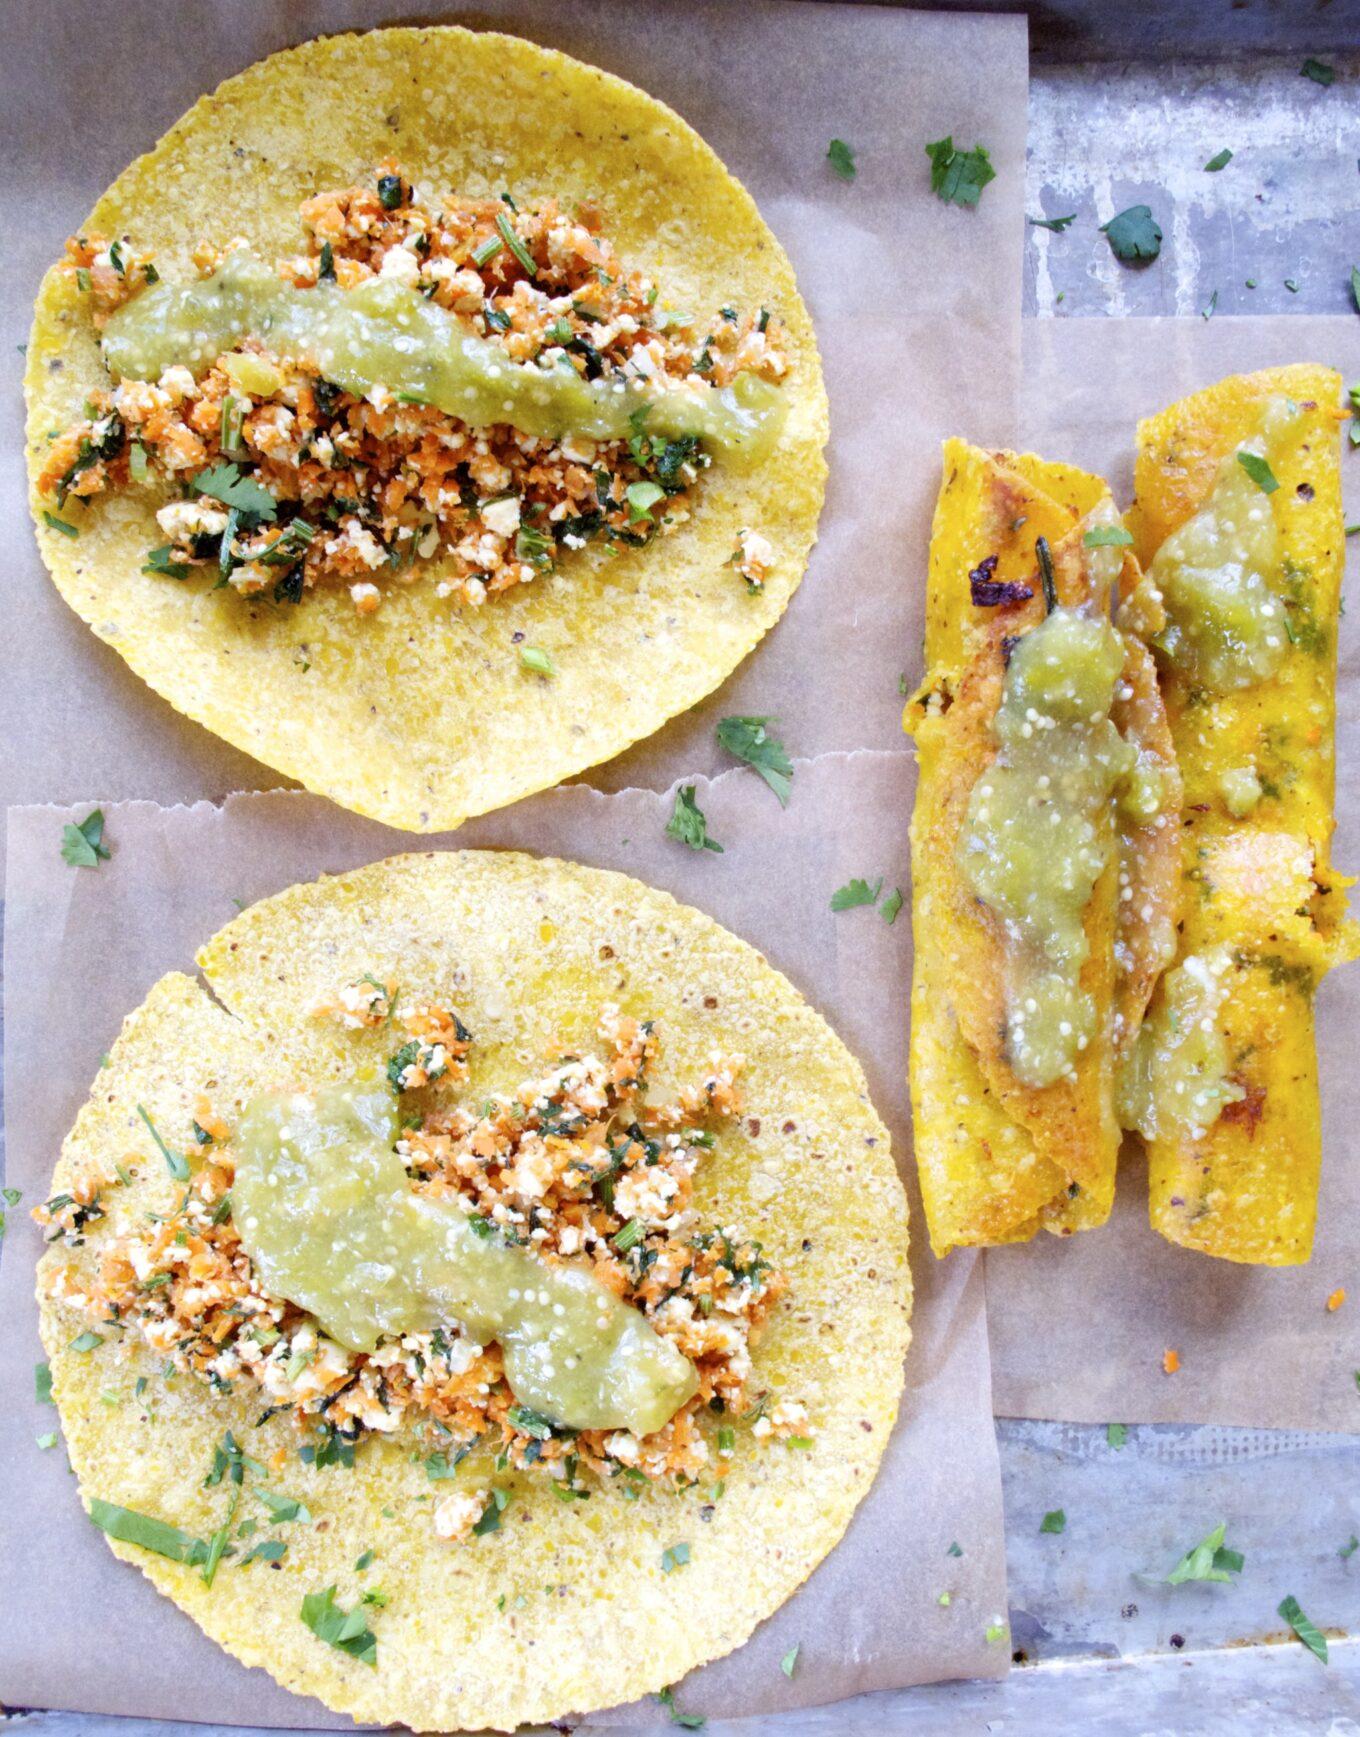 Tacos de zanahoria